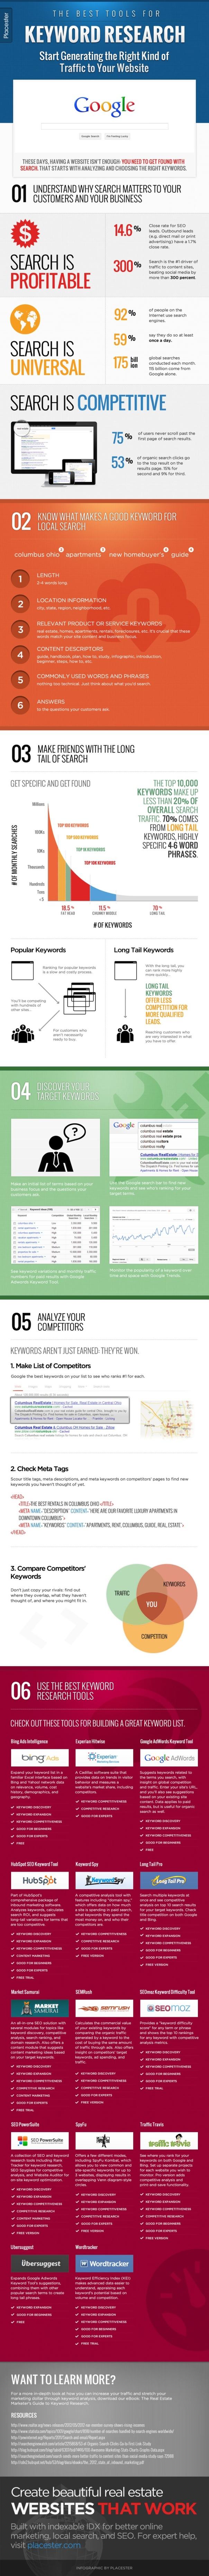 Infographic SEO tactics